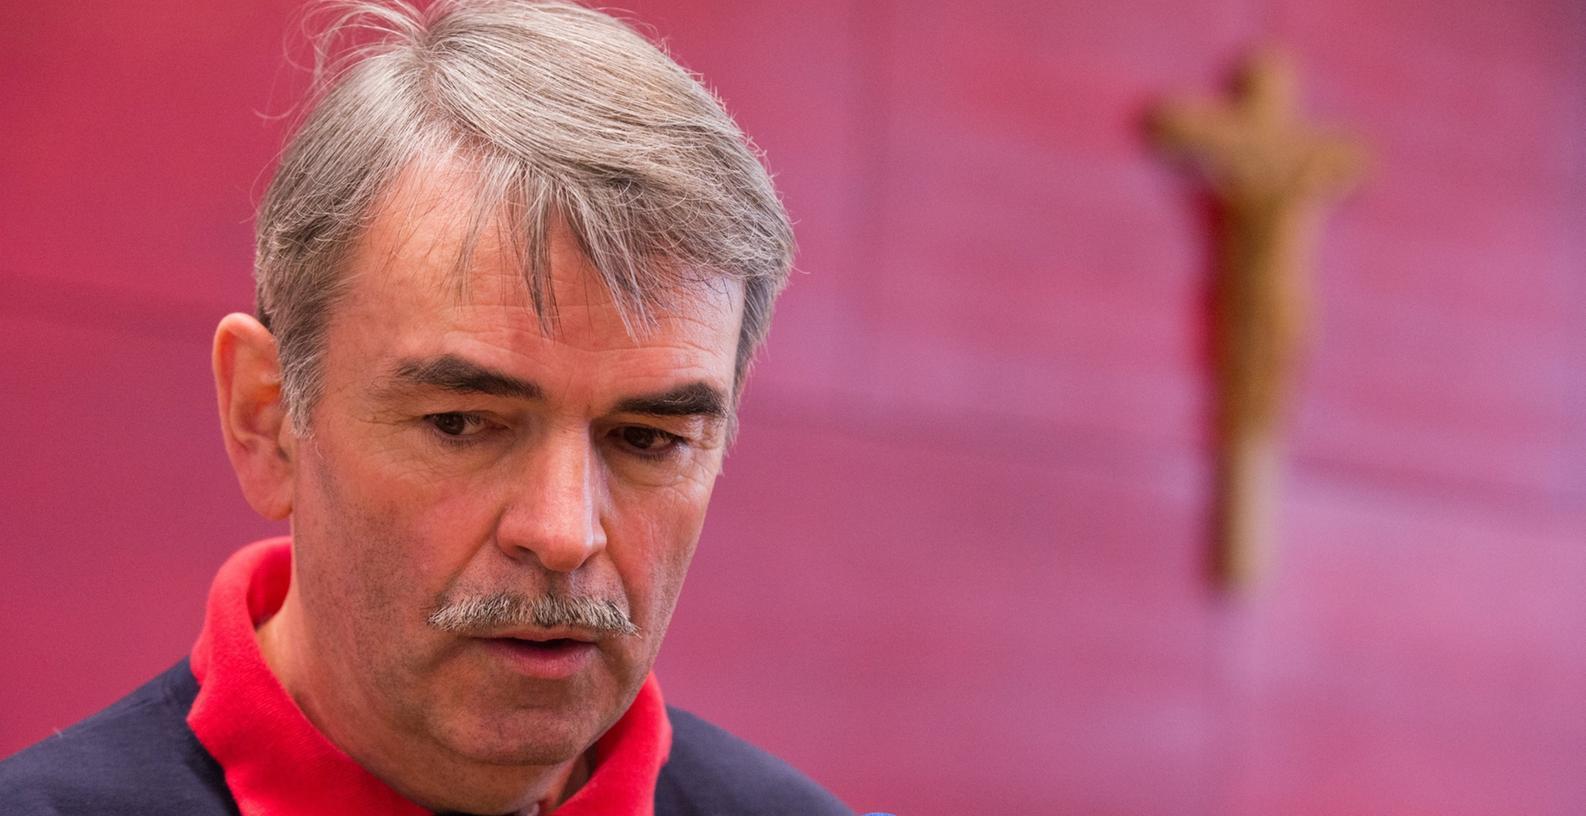 In wenigen Wochen will das Landgericht Regensburg über eine Wiederaufnahme des Verfahrens gegen Gustl Mollath entscheiden.